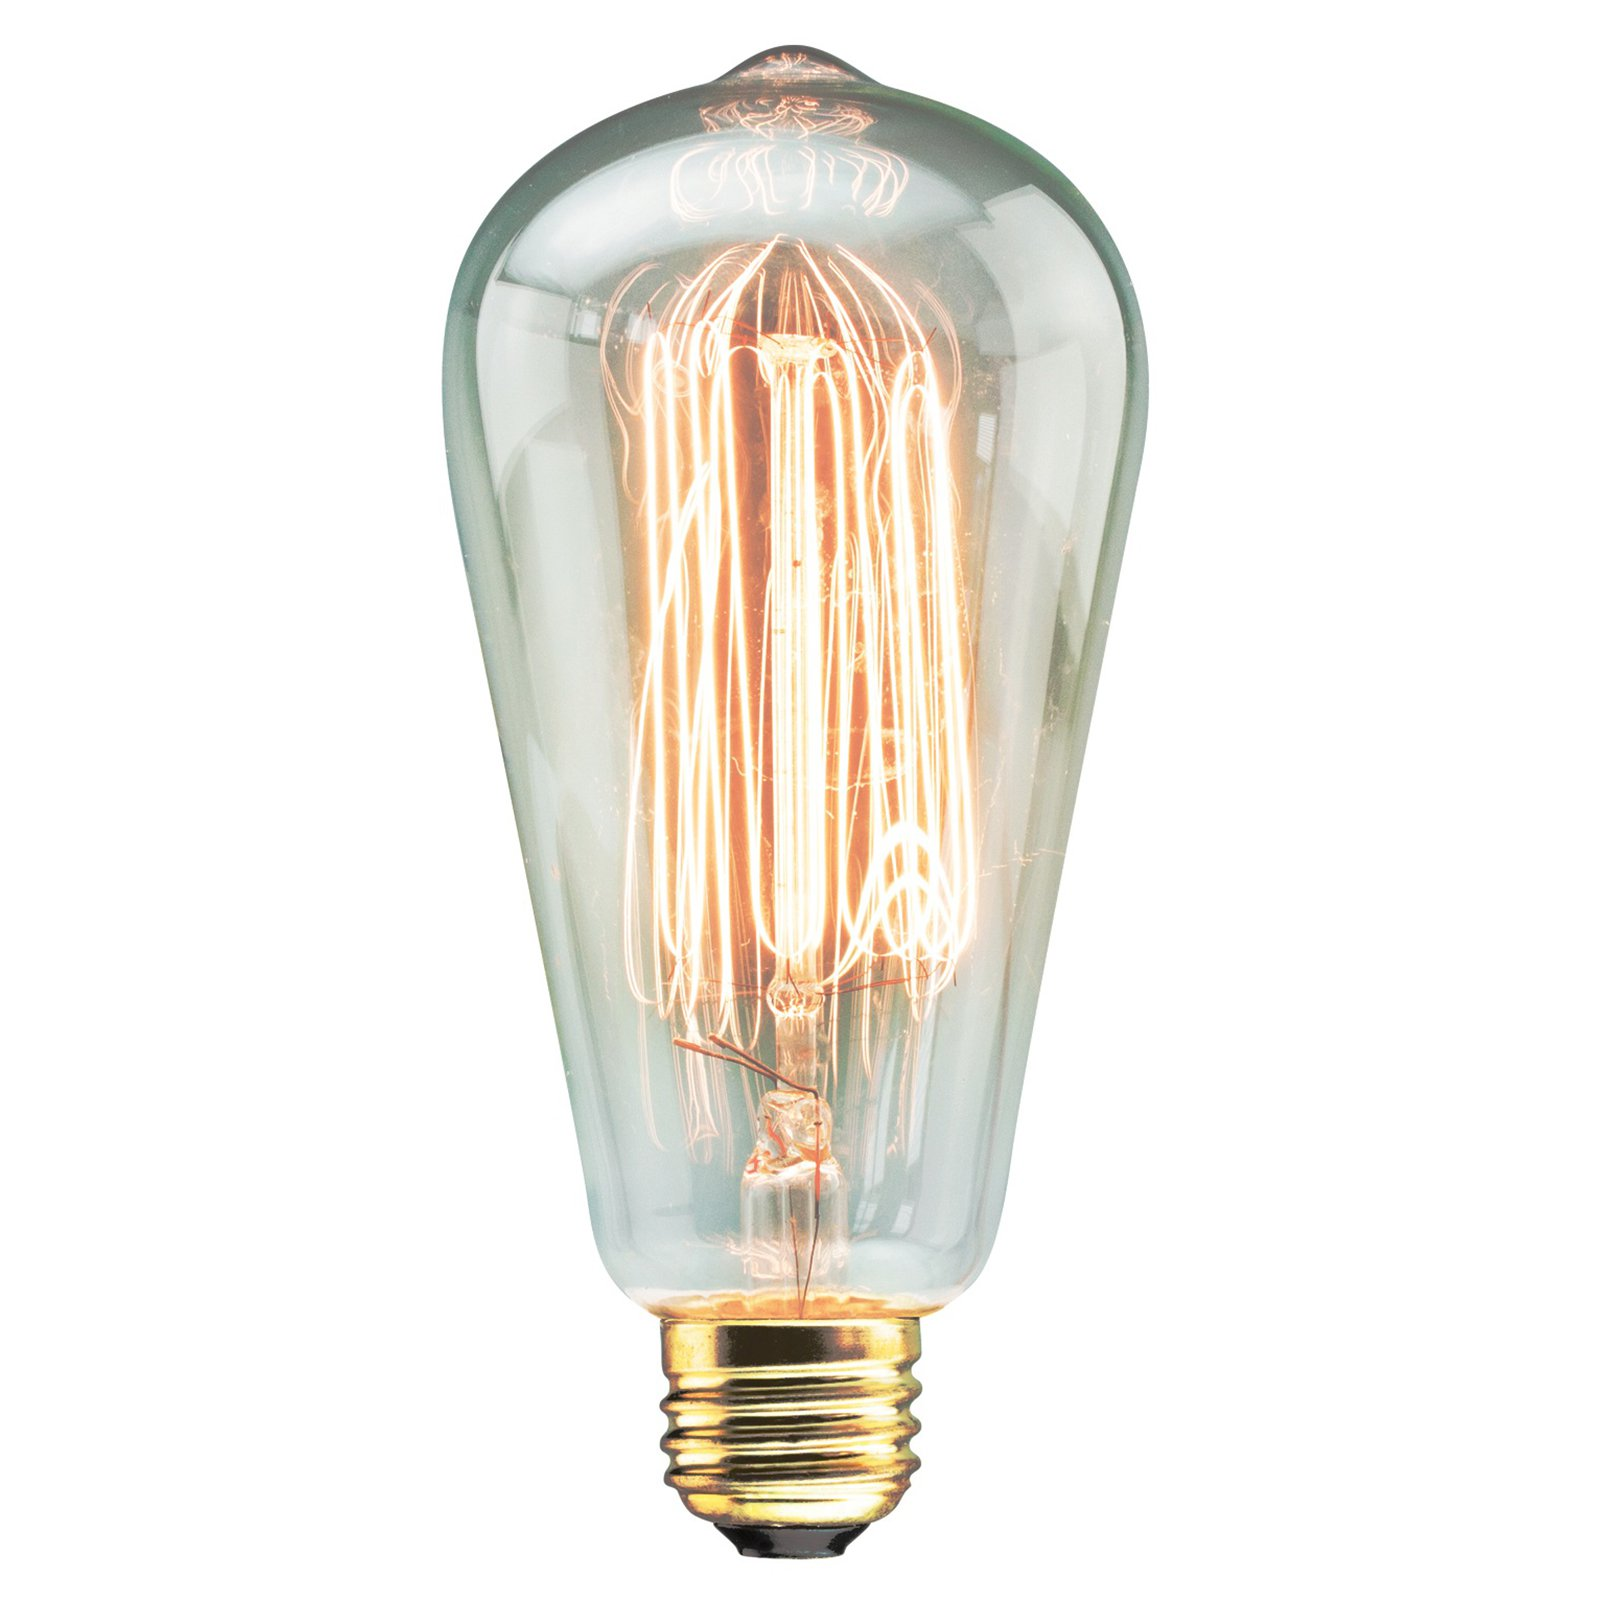 Trans Globe Lighting Vintage 40S60 Light Bulb